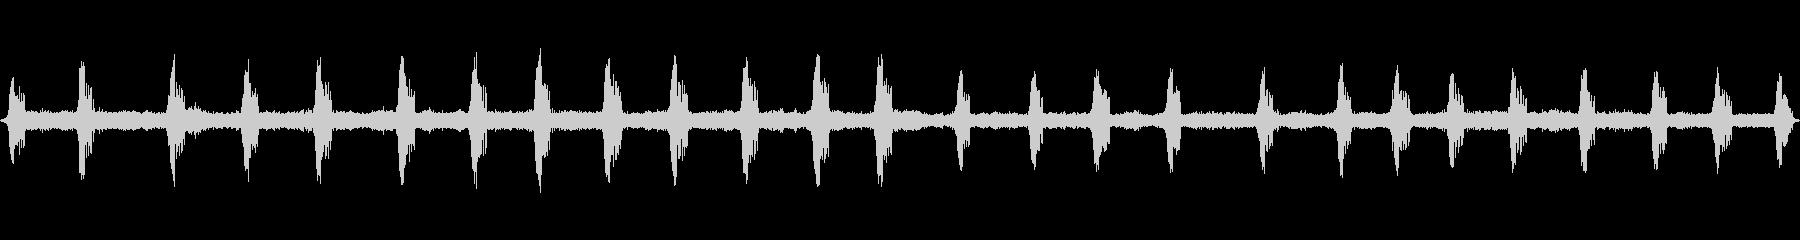 【環境音】秋の夜長に癒しの虫たちの声の未再生の波形